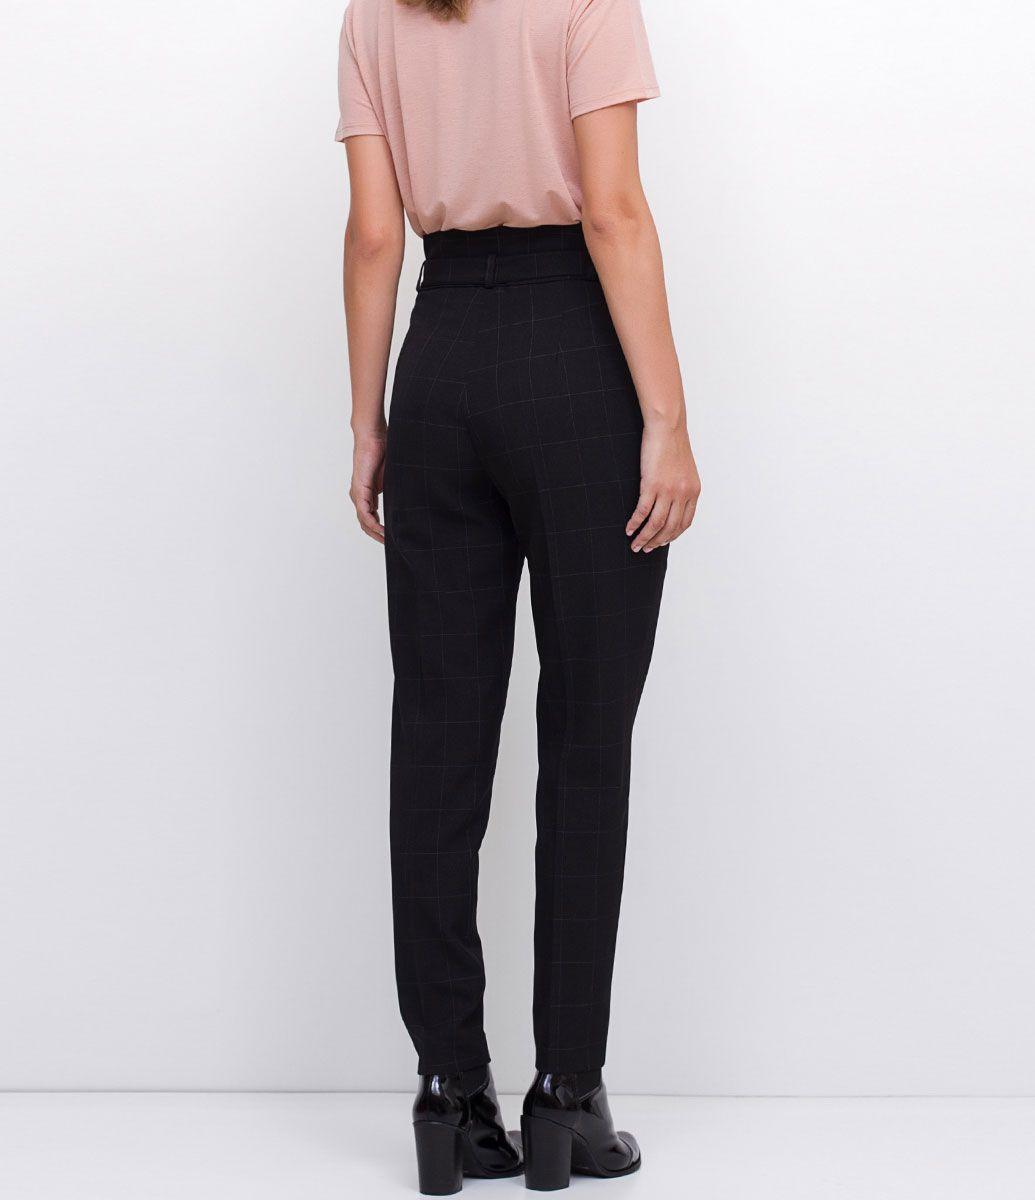 277a6b7ed Calça feminina Modelo reta Com cinto Marca: Cortelle Tecido: Alfaiataria  Modelo veste tamanho: 36 COLEÇÃO INVERNO 2017 Veja outras opções de calças  ...